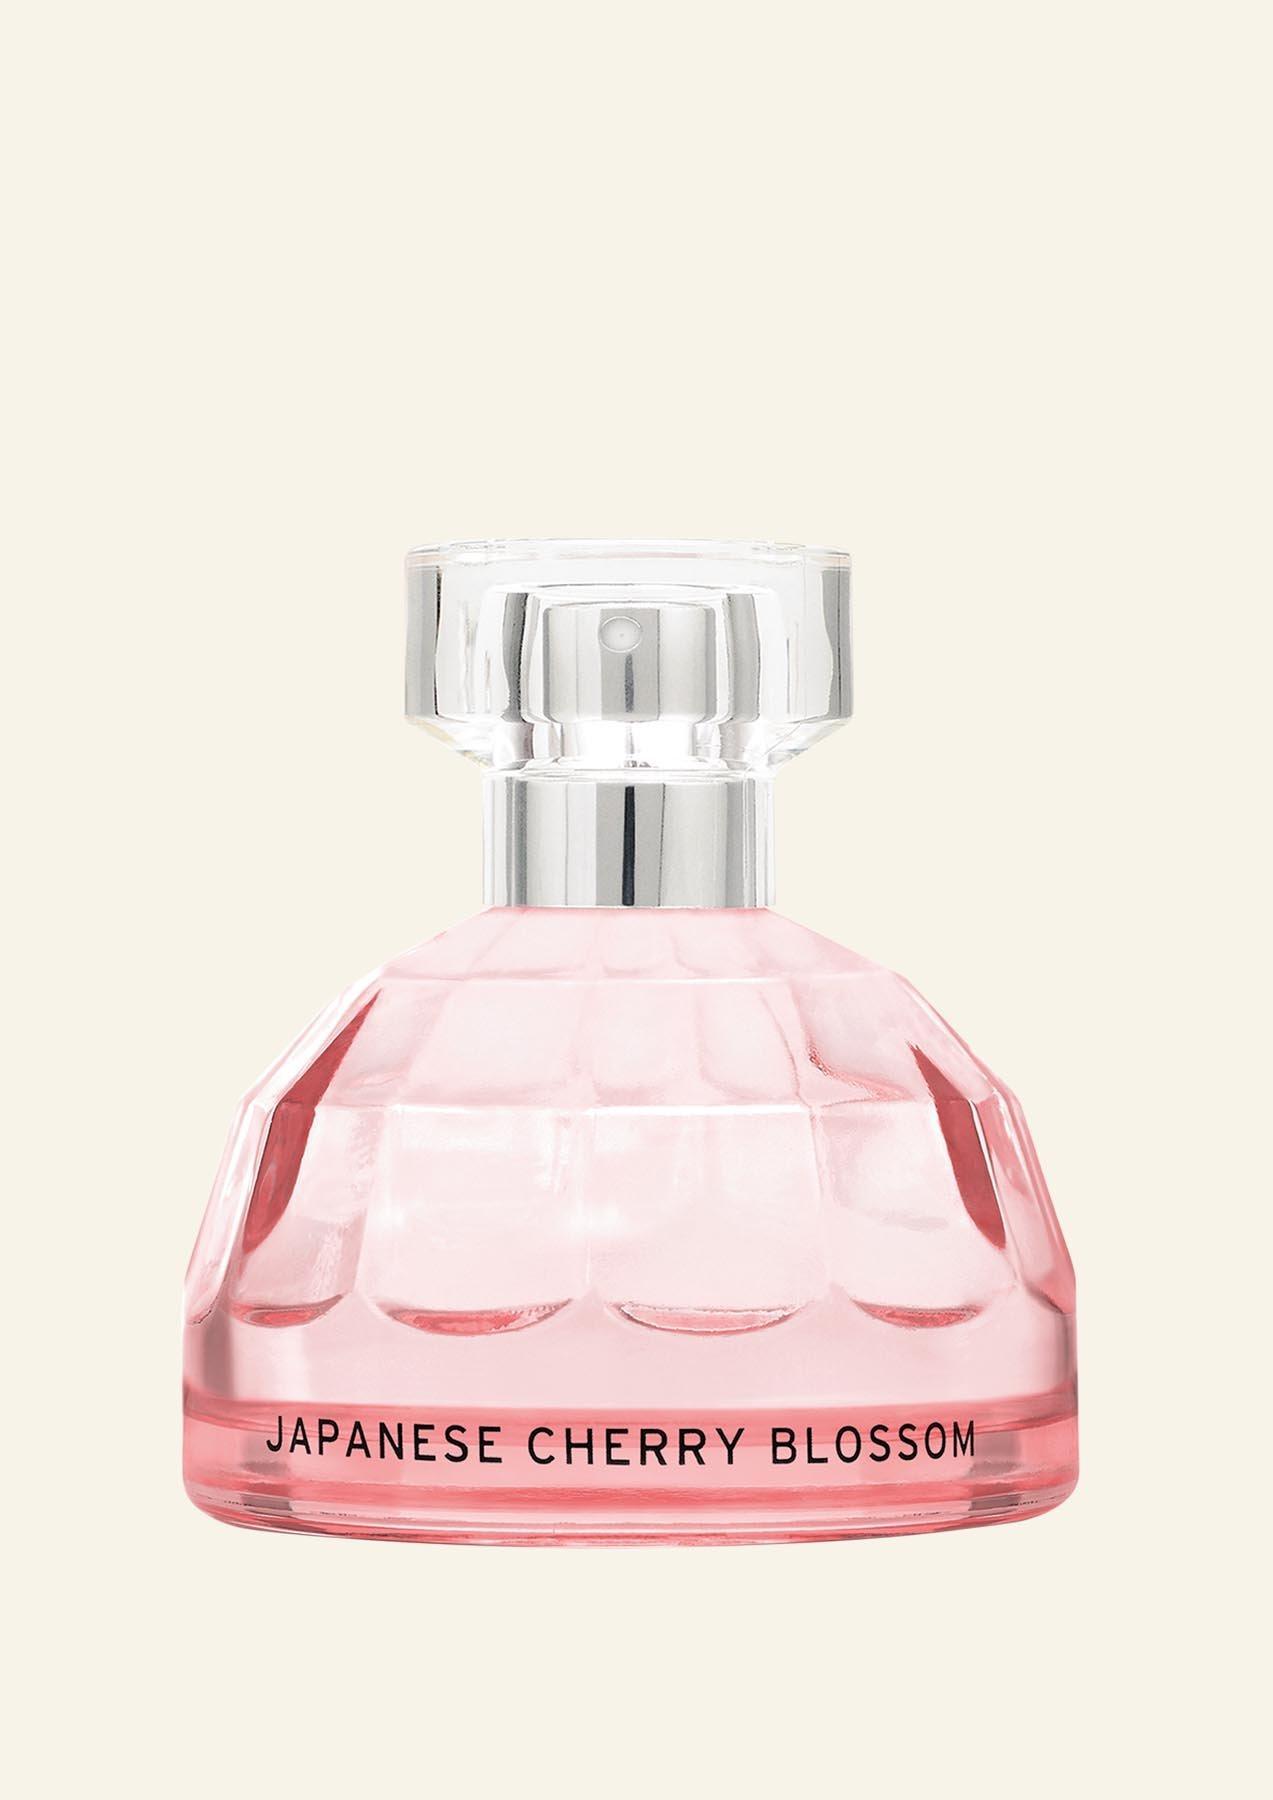 Japanese Cherry Blossom Eau de Toilette